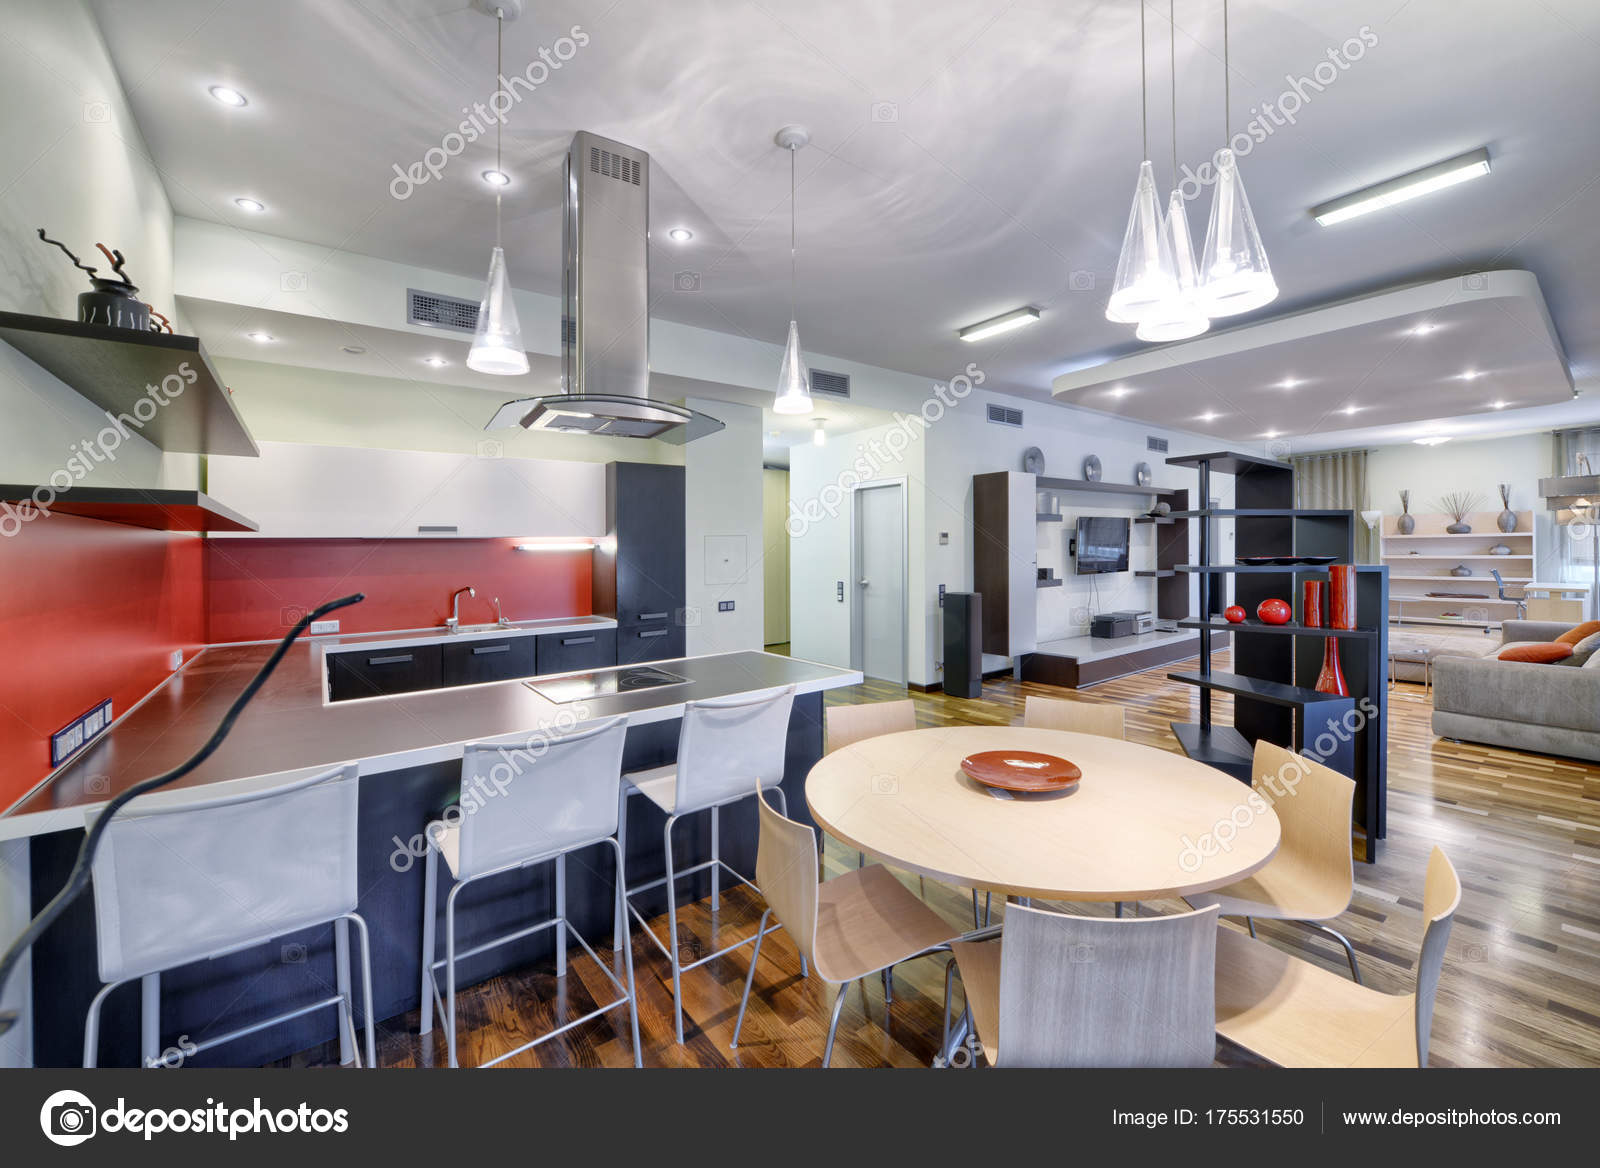 Interieur Der Küche Wohnzimmer Einem Modernen Haus — Stockfoto ...